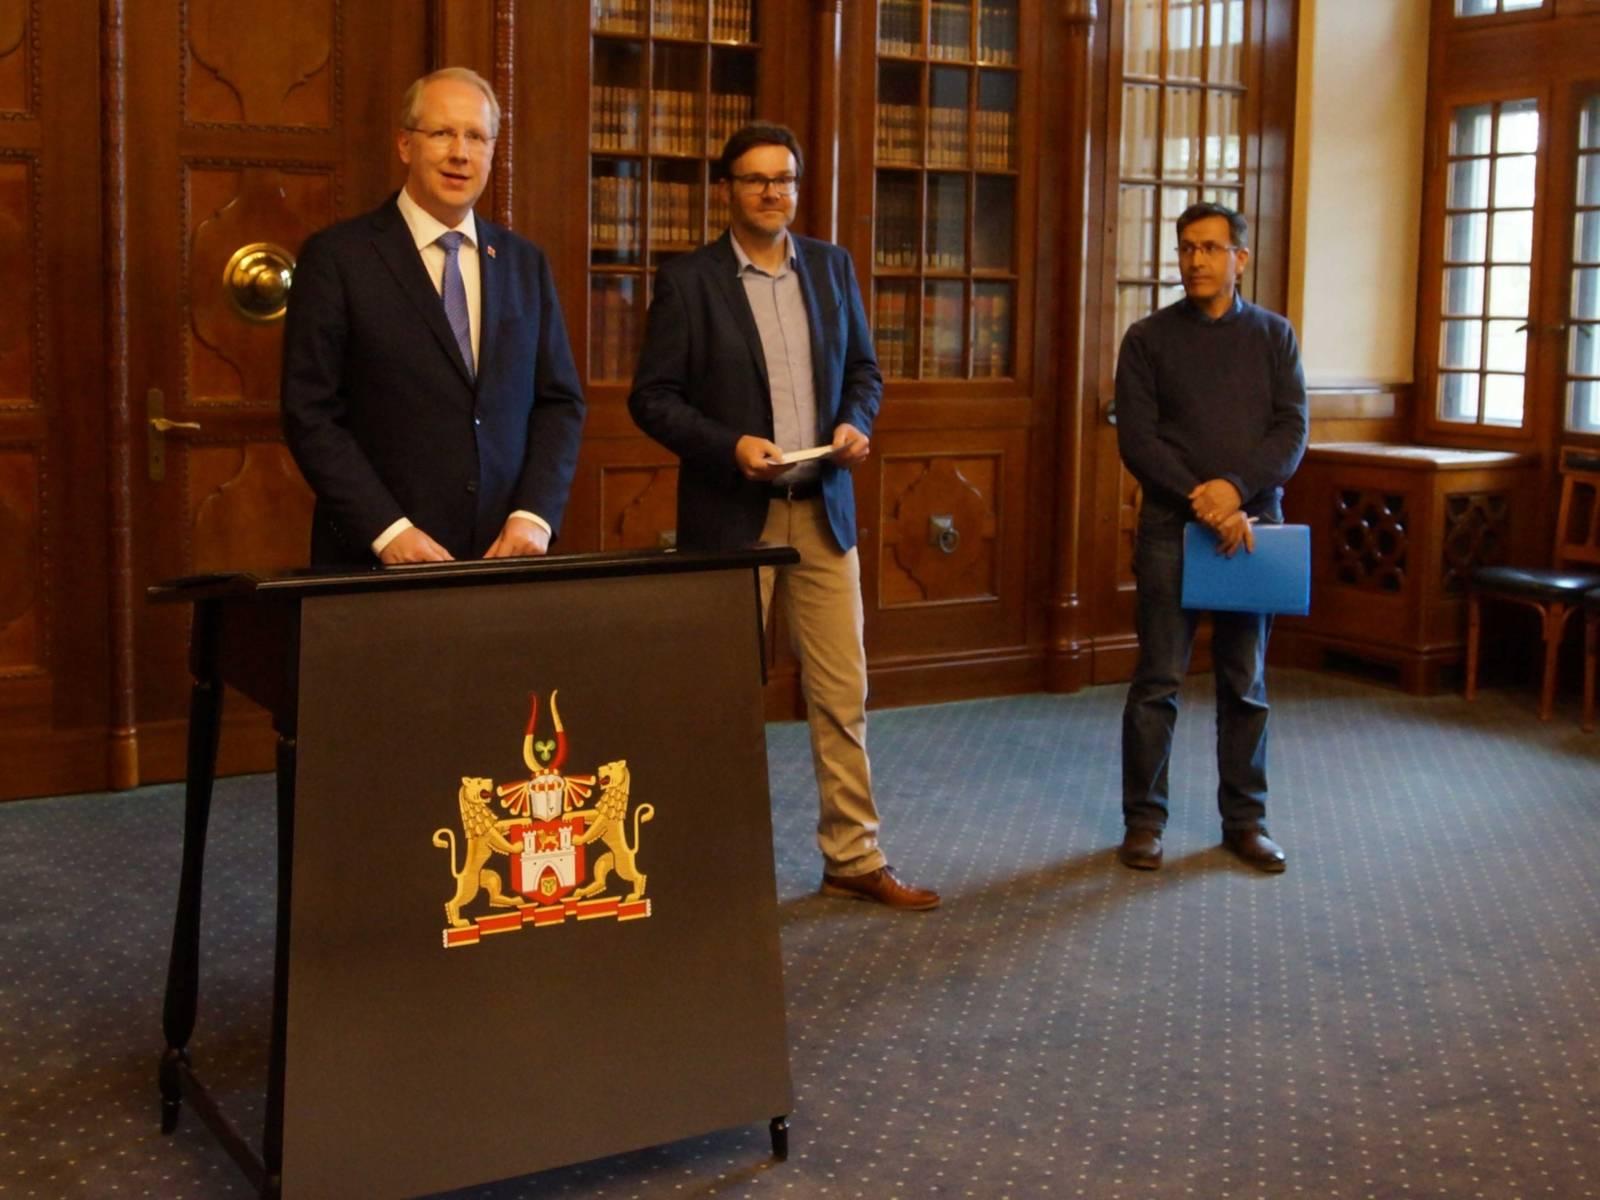 Drei Männer in einer Amtsstube.